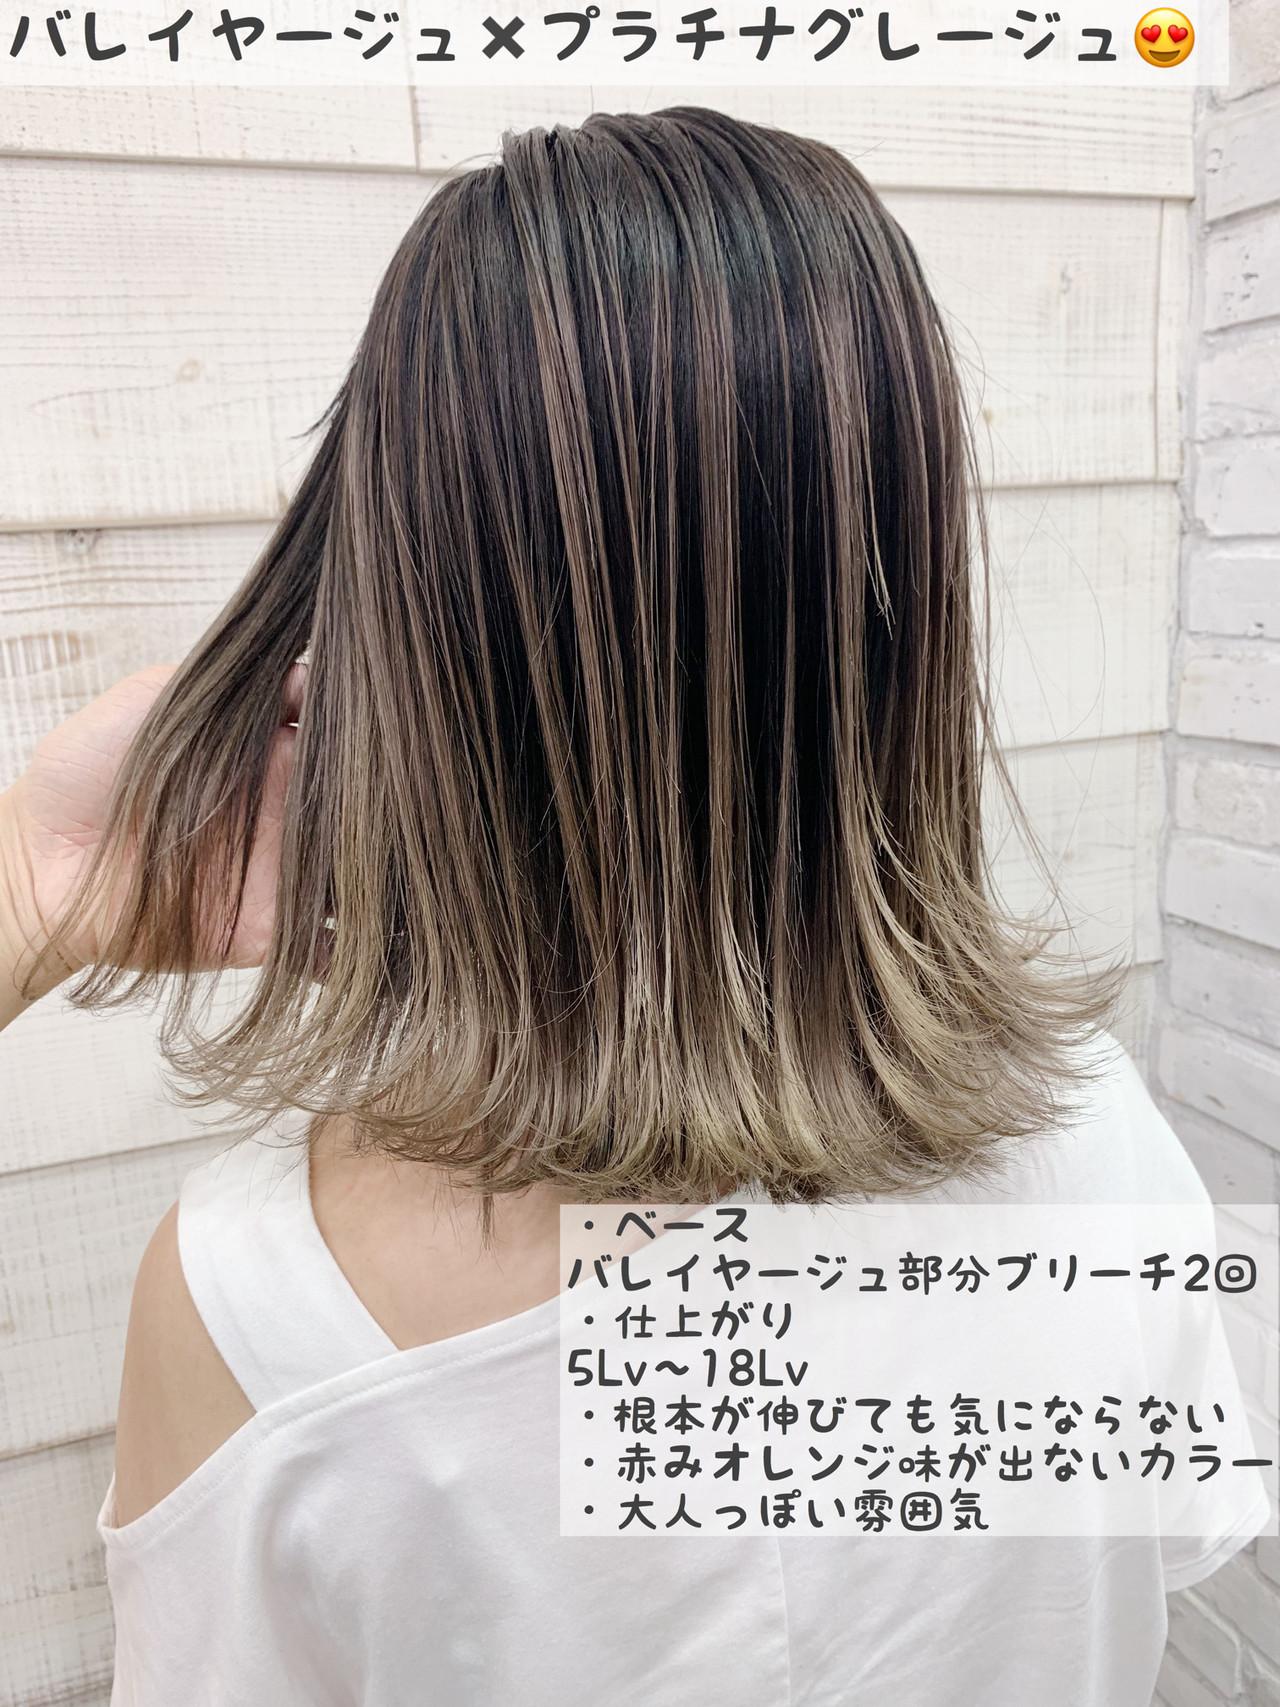 ミディアム グレージュ デート ブリーチ ヘアスタイルや髪型の写真・画像